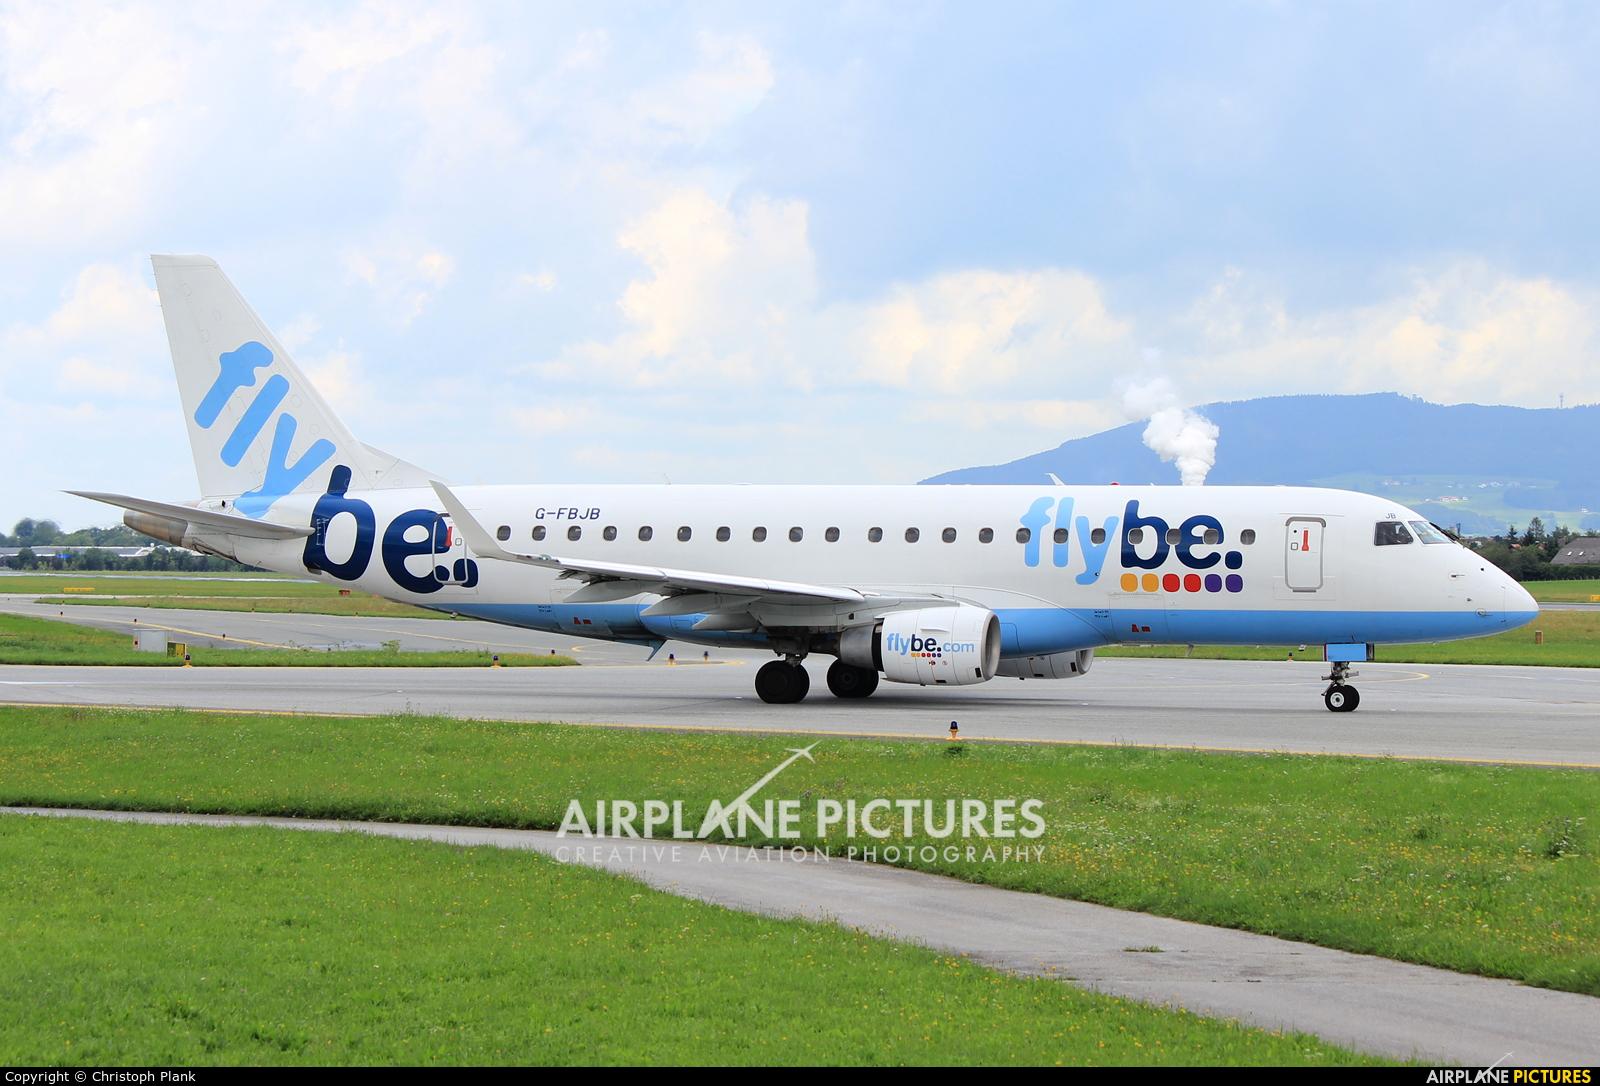 Flybe G-FBJB aircraft at Salzburg